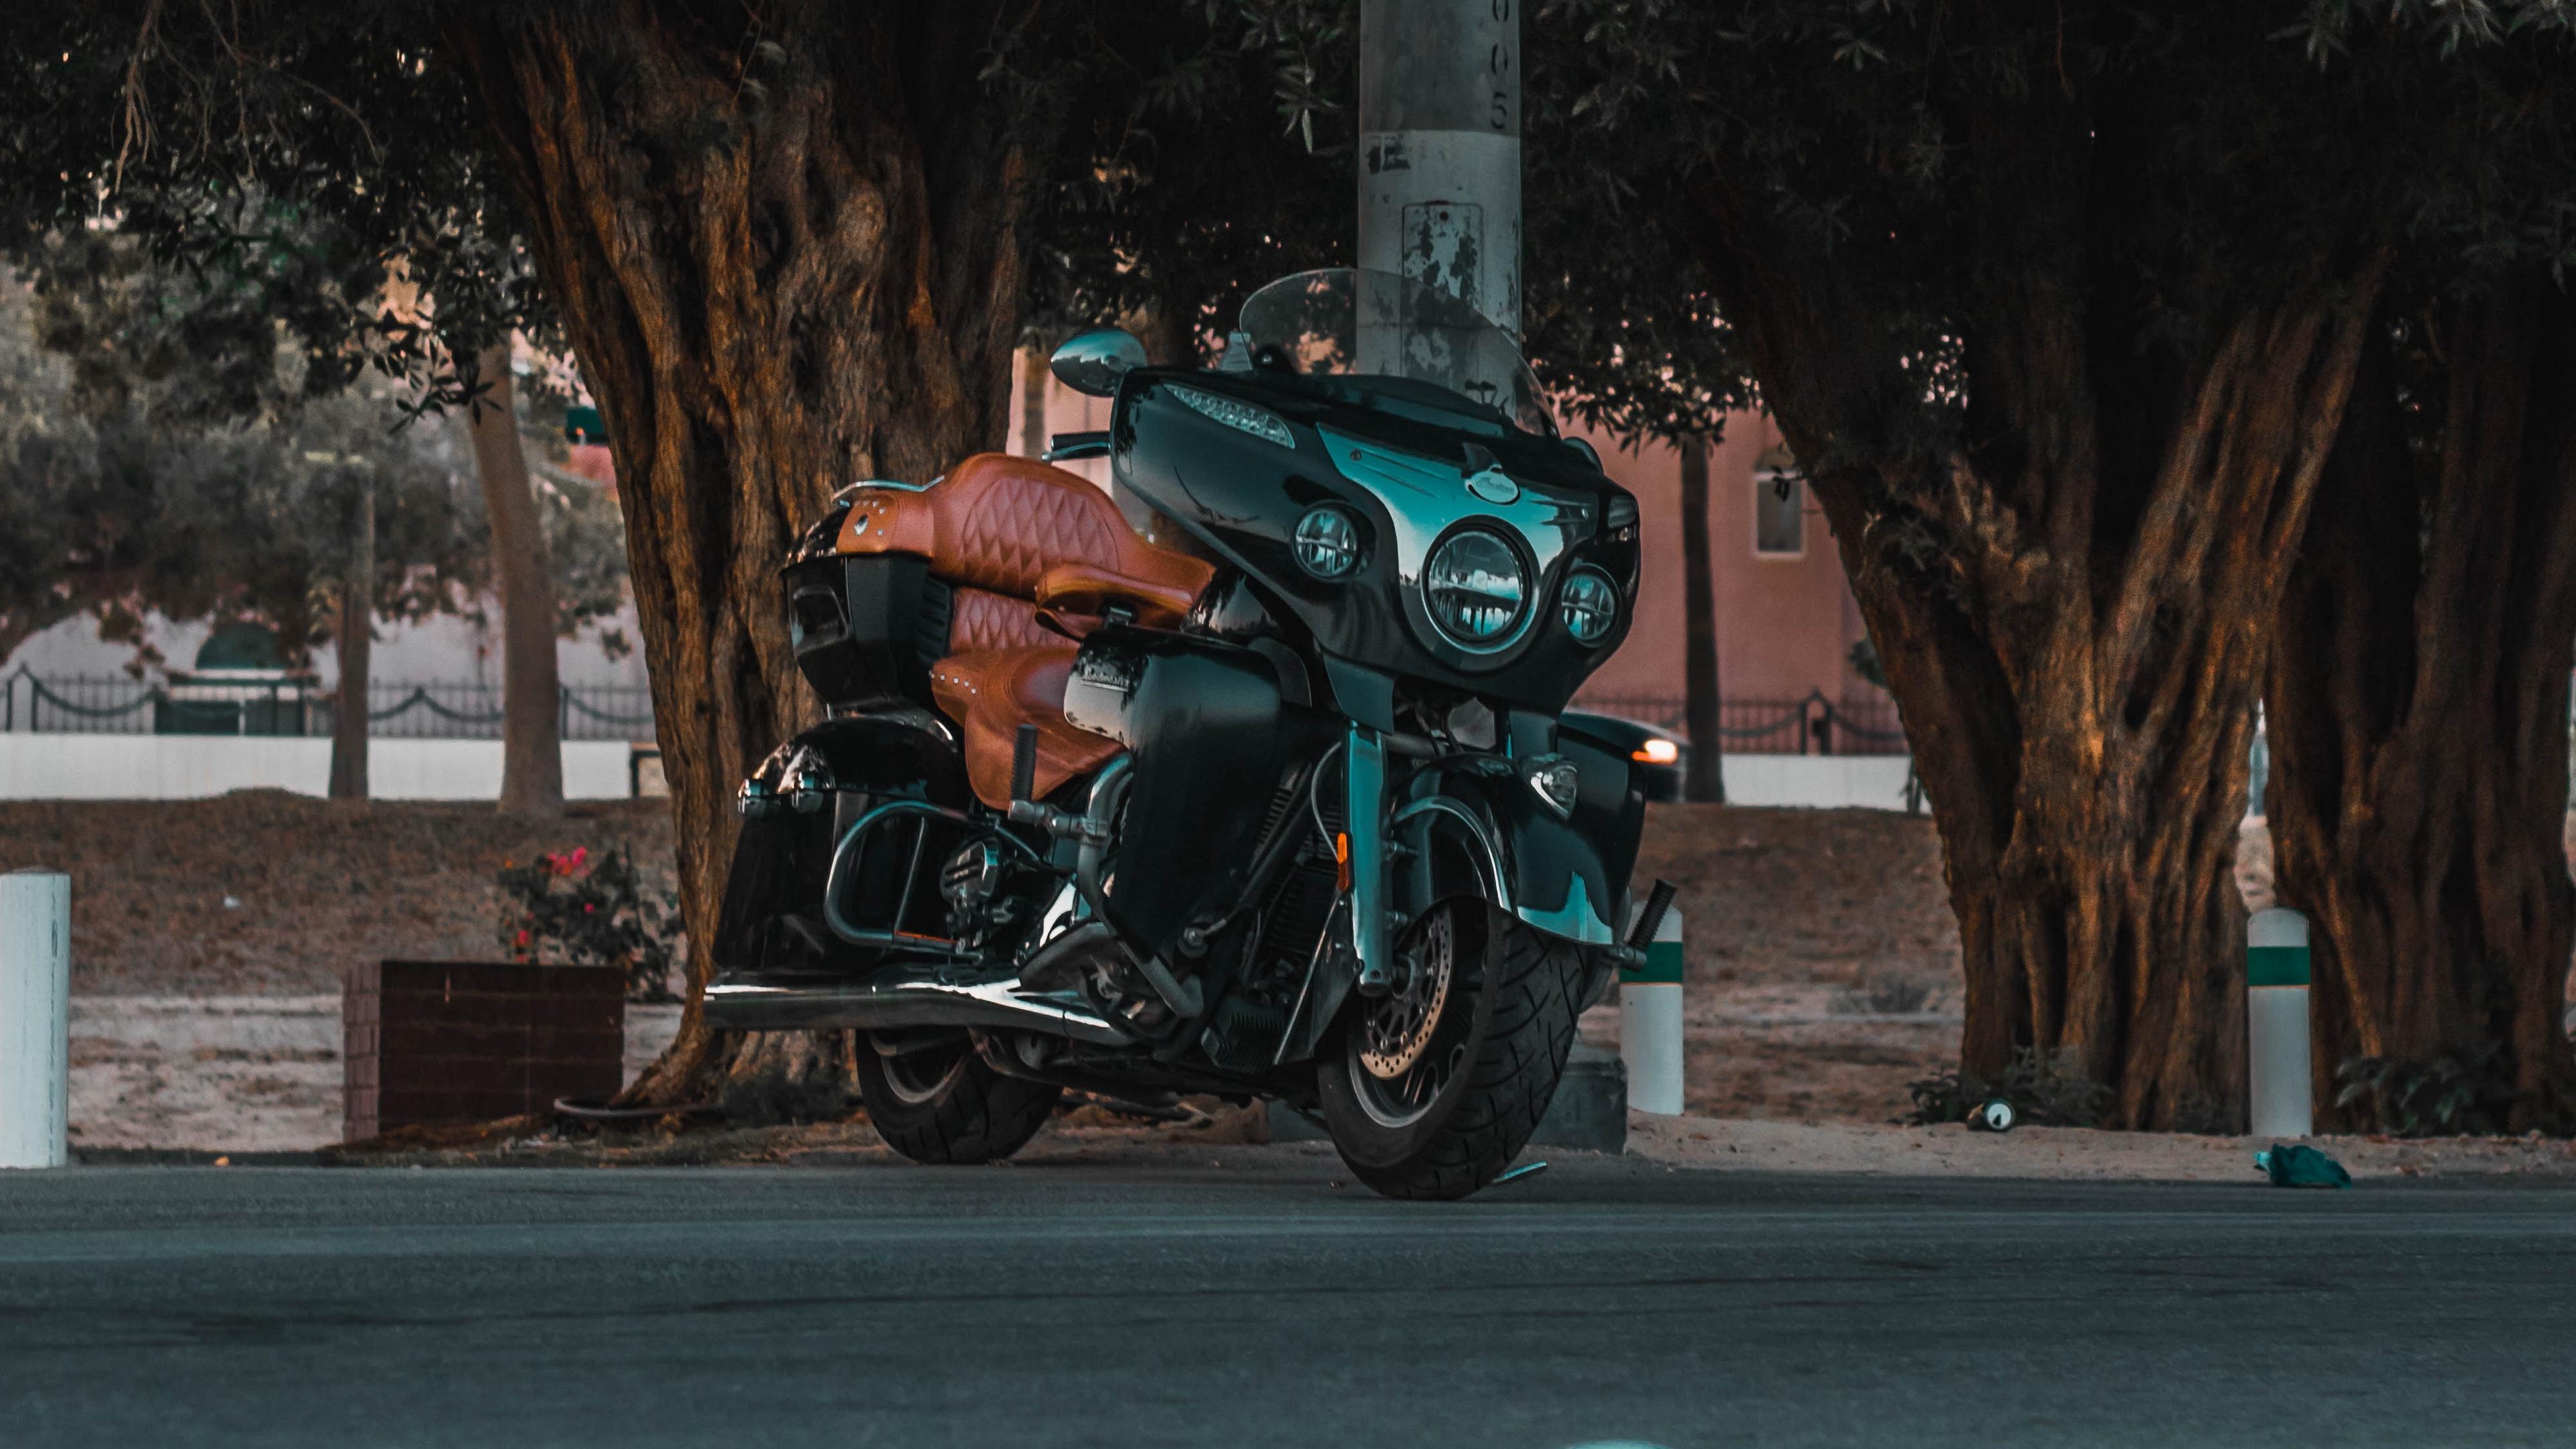 motorcycle bike street road trees 4k 1536018893 - motorcycle, bike, street, road, trees 4k - Street, Motorcycle, Bike